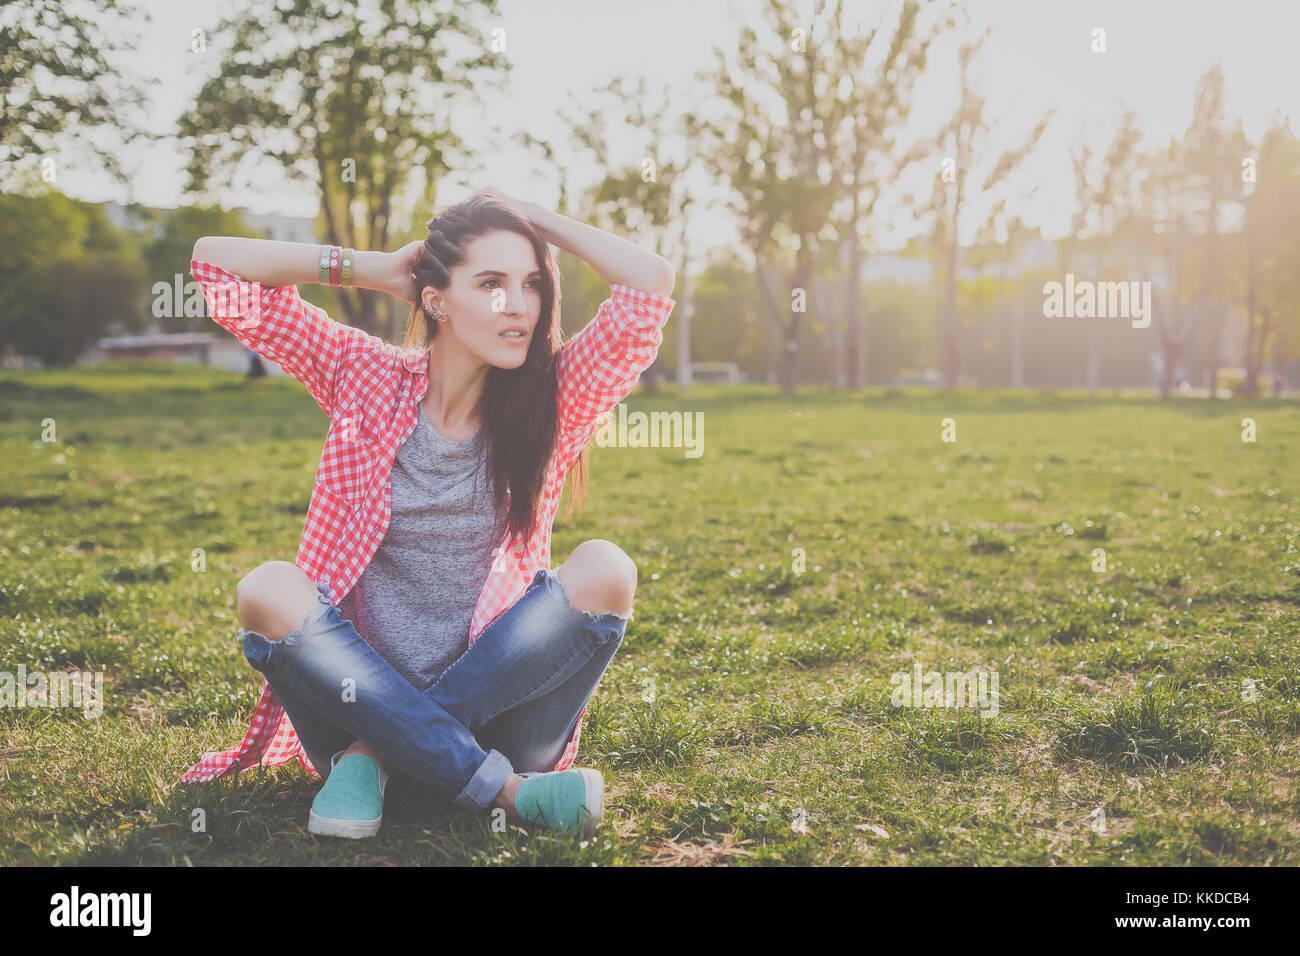 Carino hipster ragazza seduta sul prato verde Immagini Stock